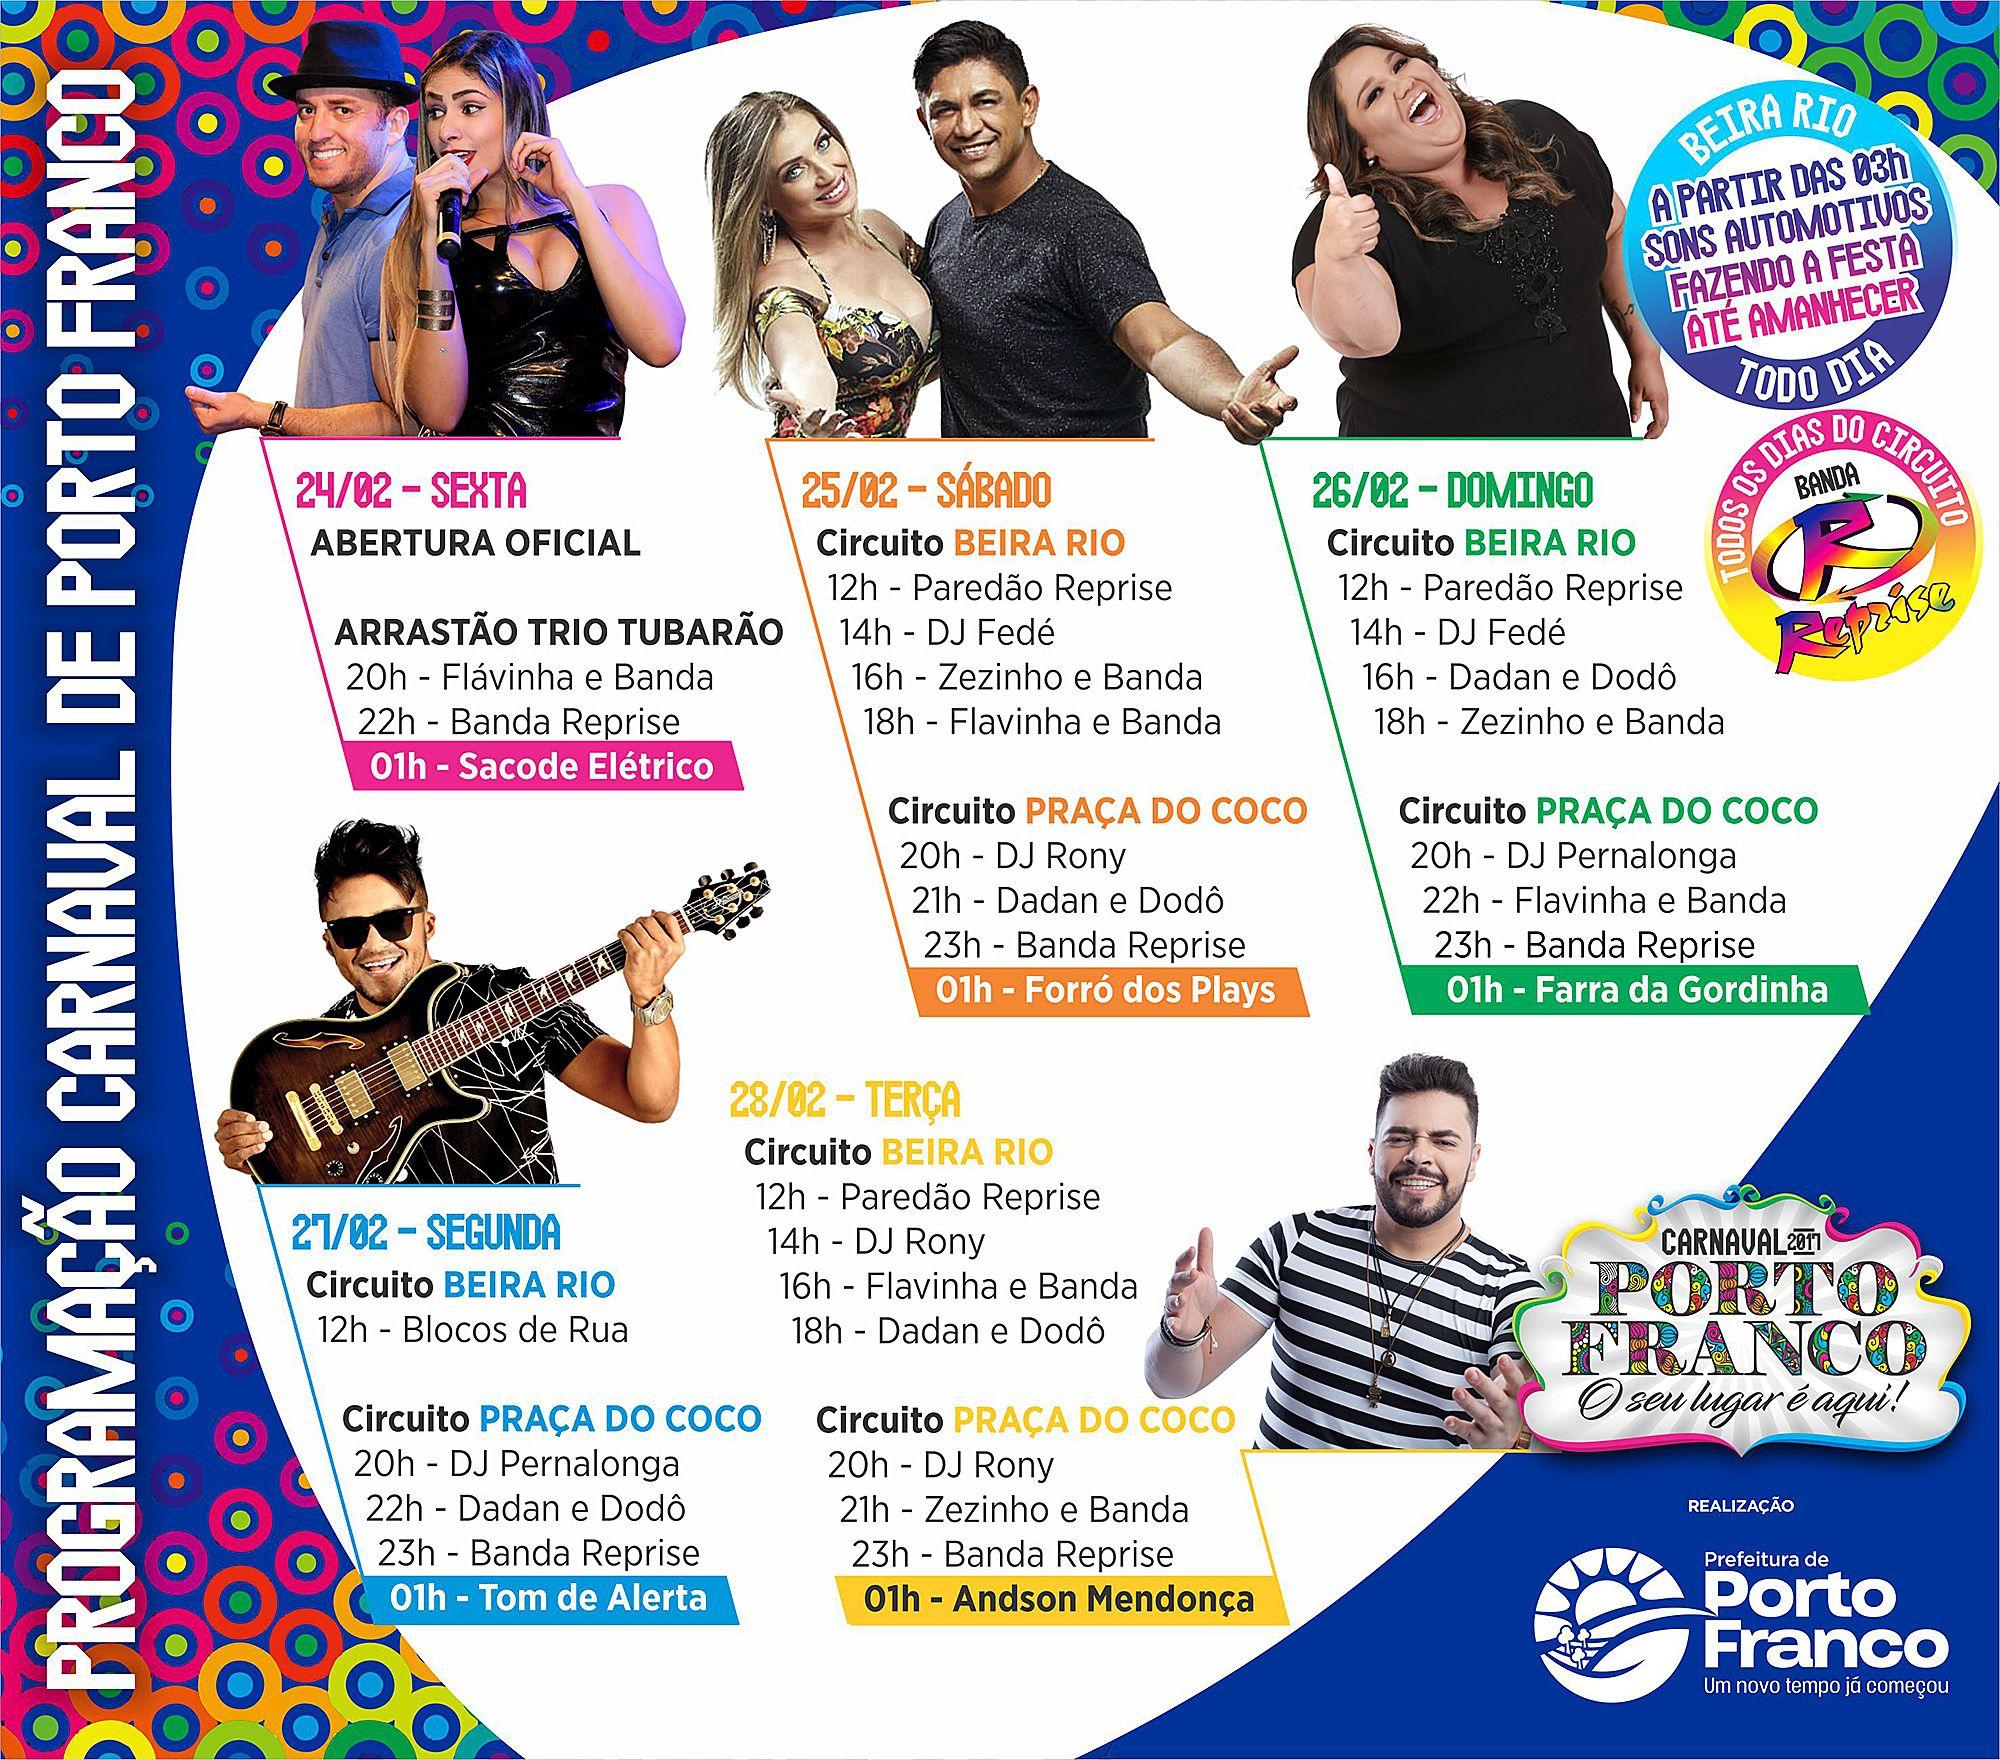 programacao completa - Carnaval em Porto Franco, promete ser o maior do Maranhão neste final de semana - minuto barra